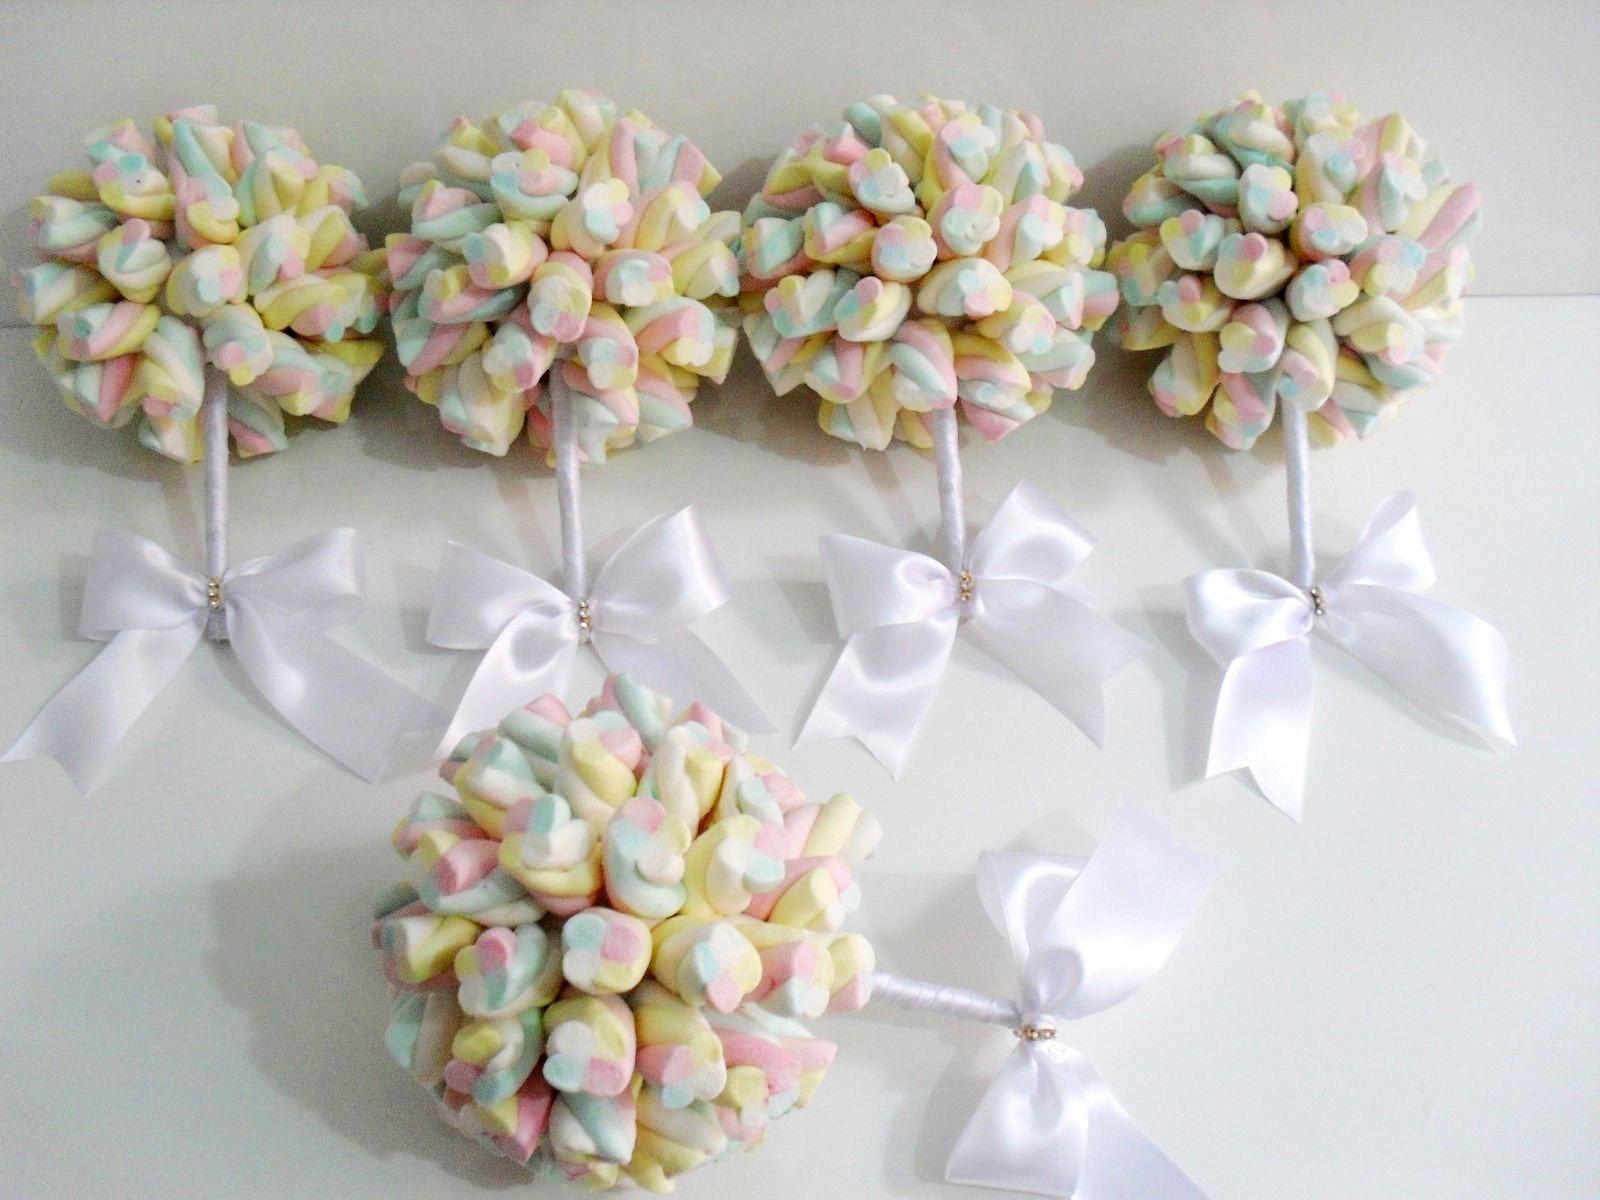 Olá a todos! Hoje vamos ver como criar um lindo buquê de marshmallow passo a passo. Você que gosta de artesanato, não pode perder os posts tipo passo a passo das quartas-feiras, nos quais sempre tr…